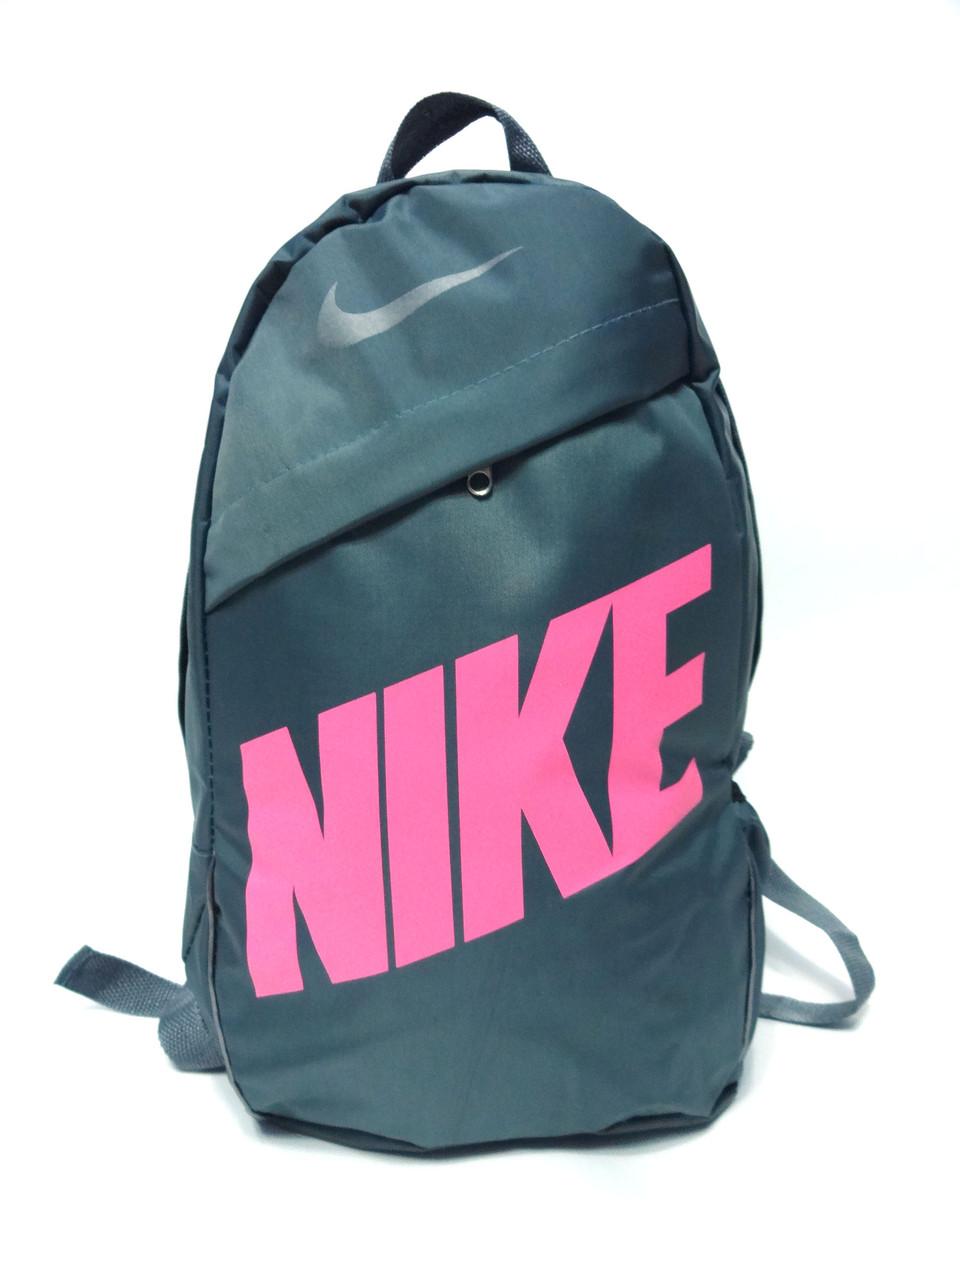 Спортивный рюкзак портфель  Nike (Найк) молодежный. Серый с розовым принтом реплика